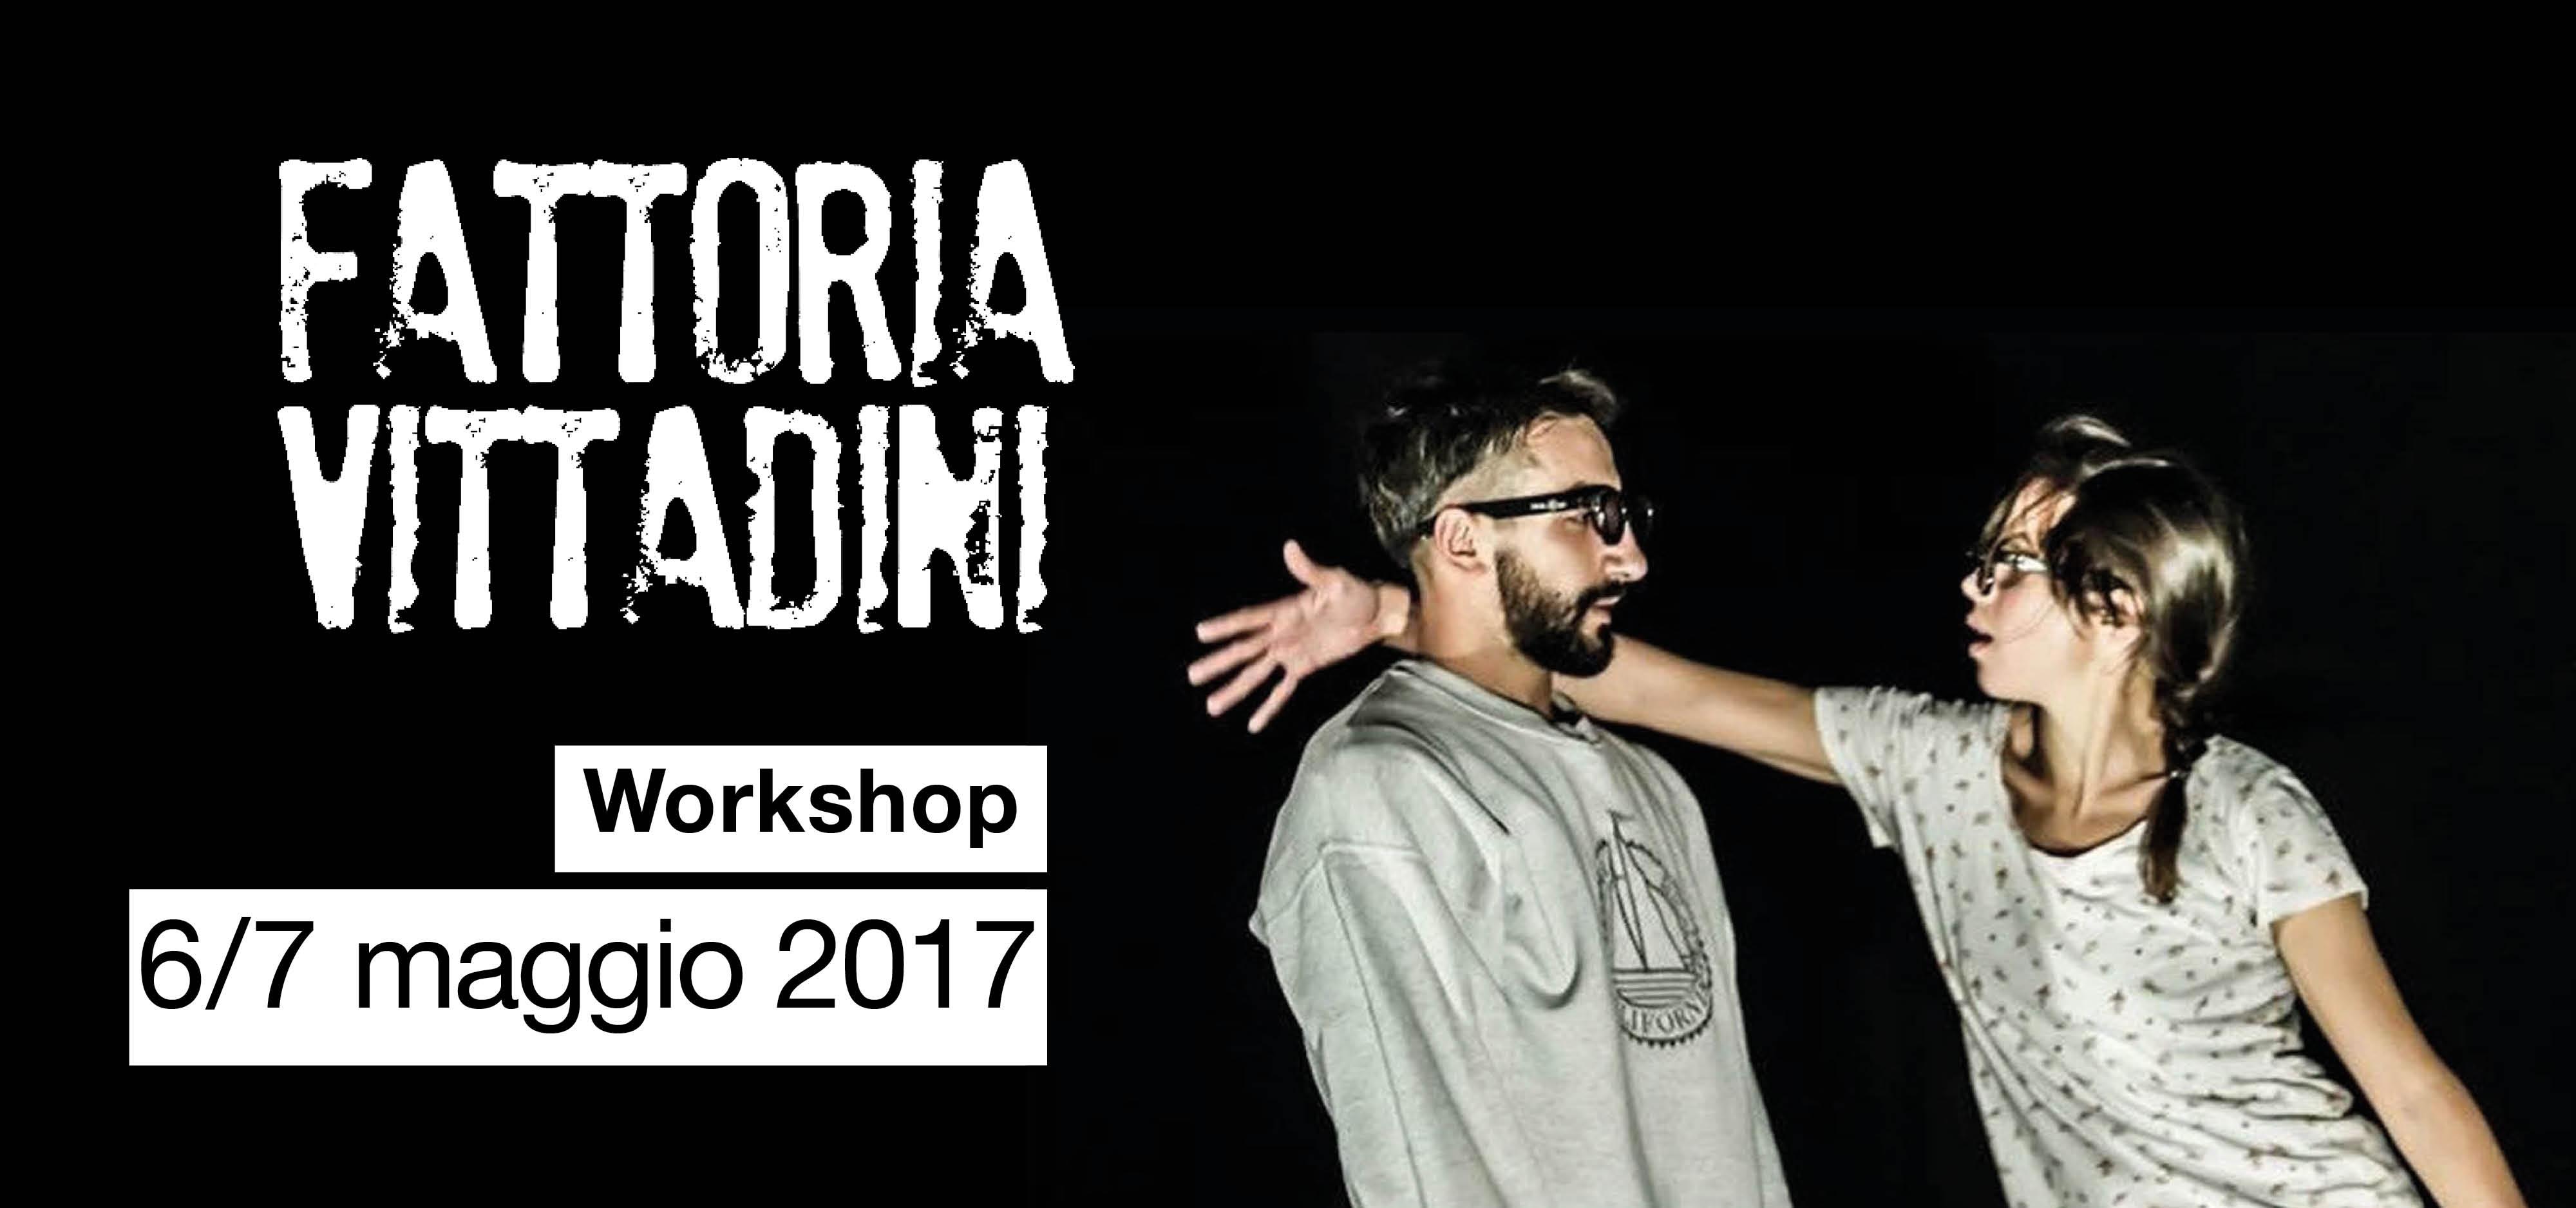 Workshop teatro-danza con Fattoria Vittadini